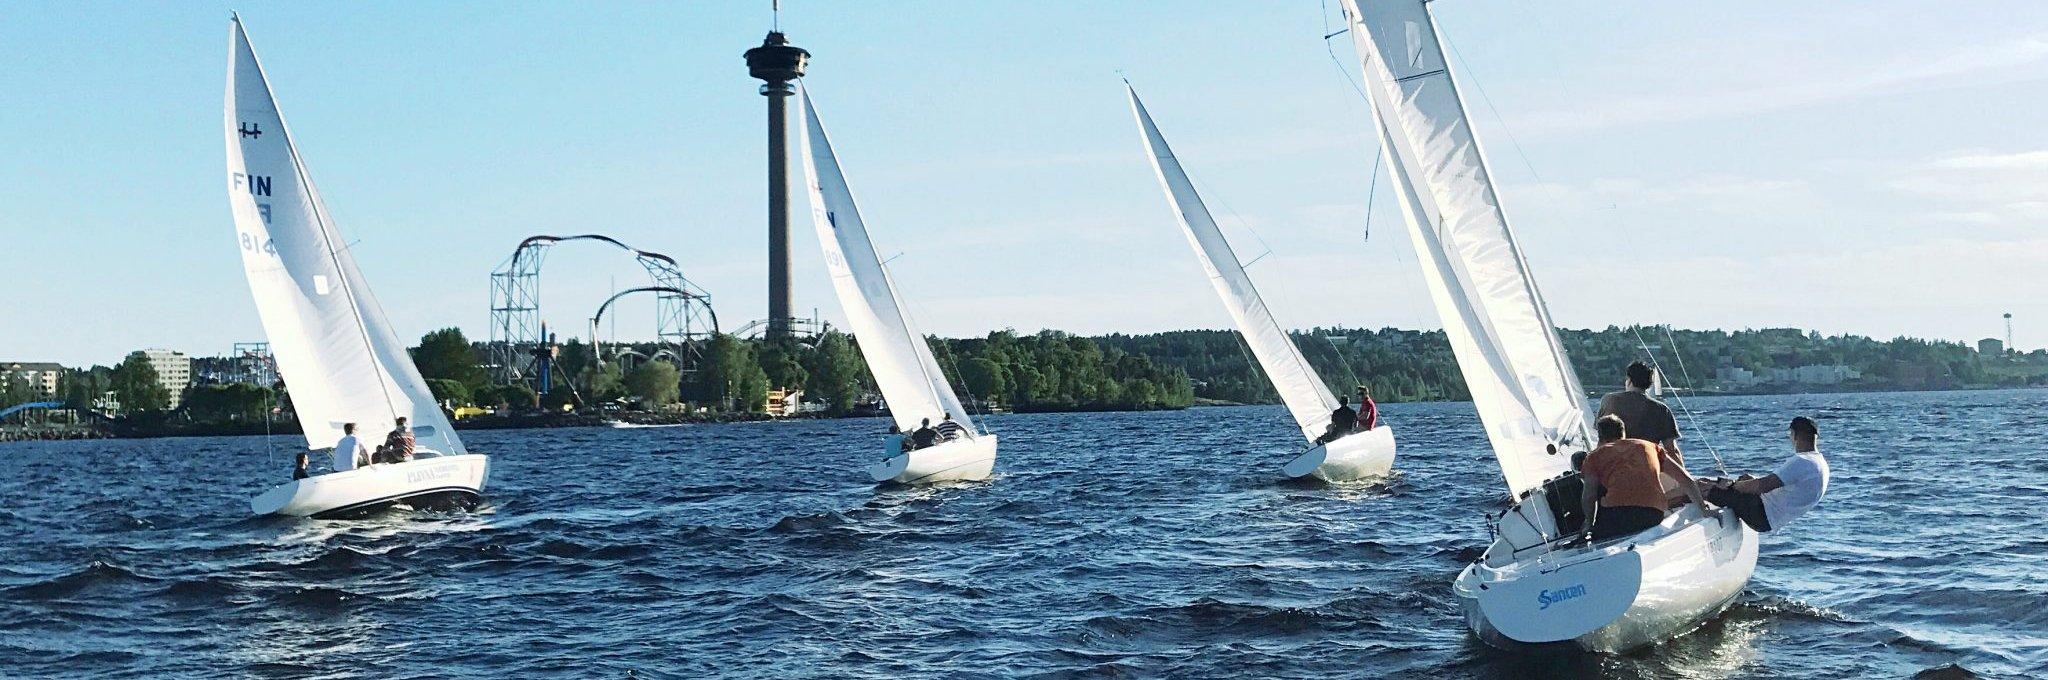 Johdatus purjehdukseen on paras purjehduskurssi Tampere